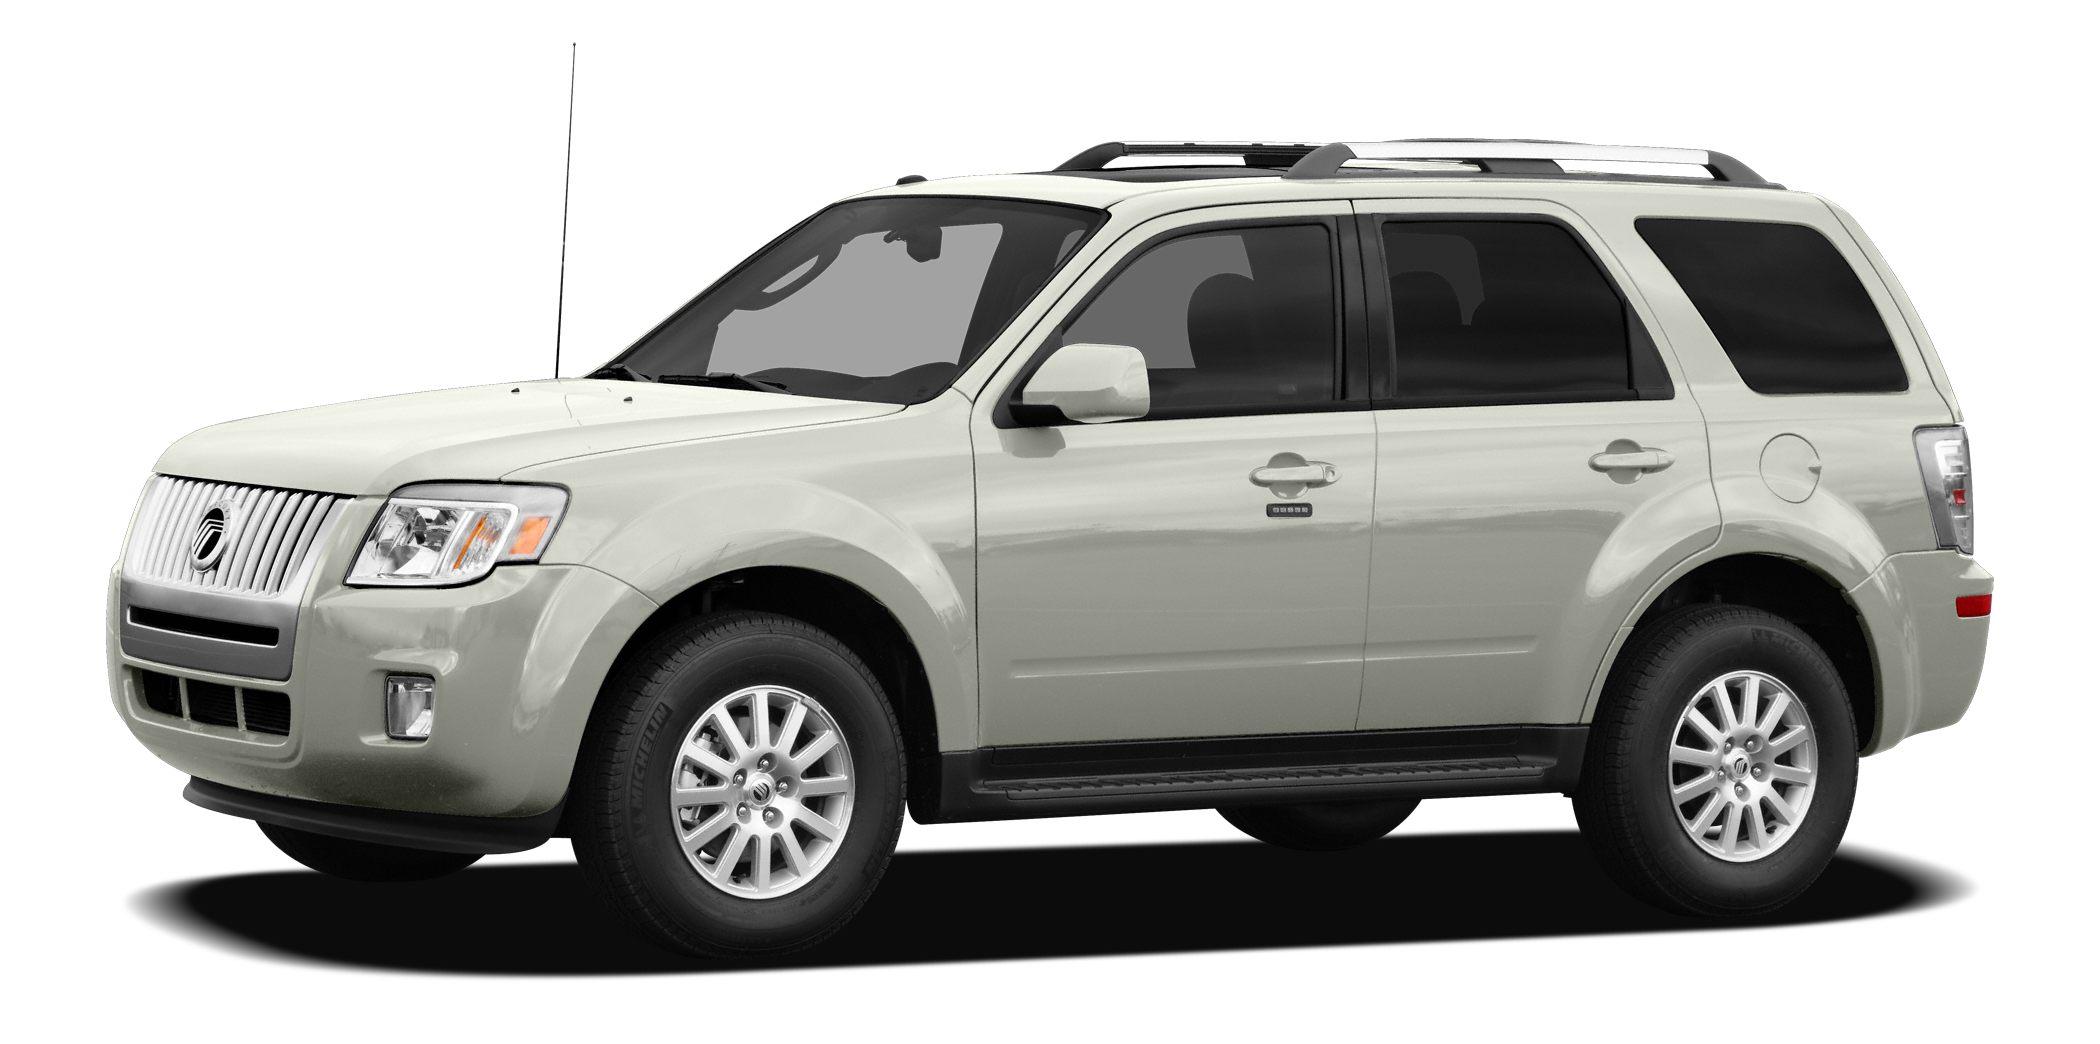 2010 Mercury Mariner Premier Premier 4WD 6-Speed Automatic 25L I4 iVCT 4WDWhy Buy a Flood Qua